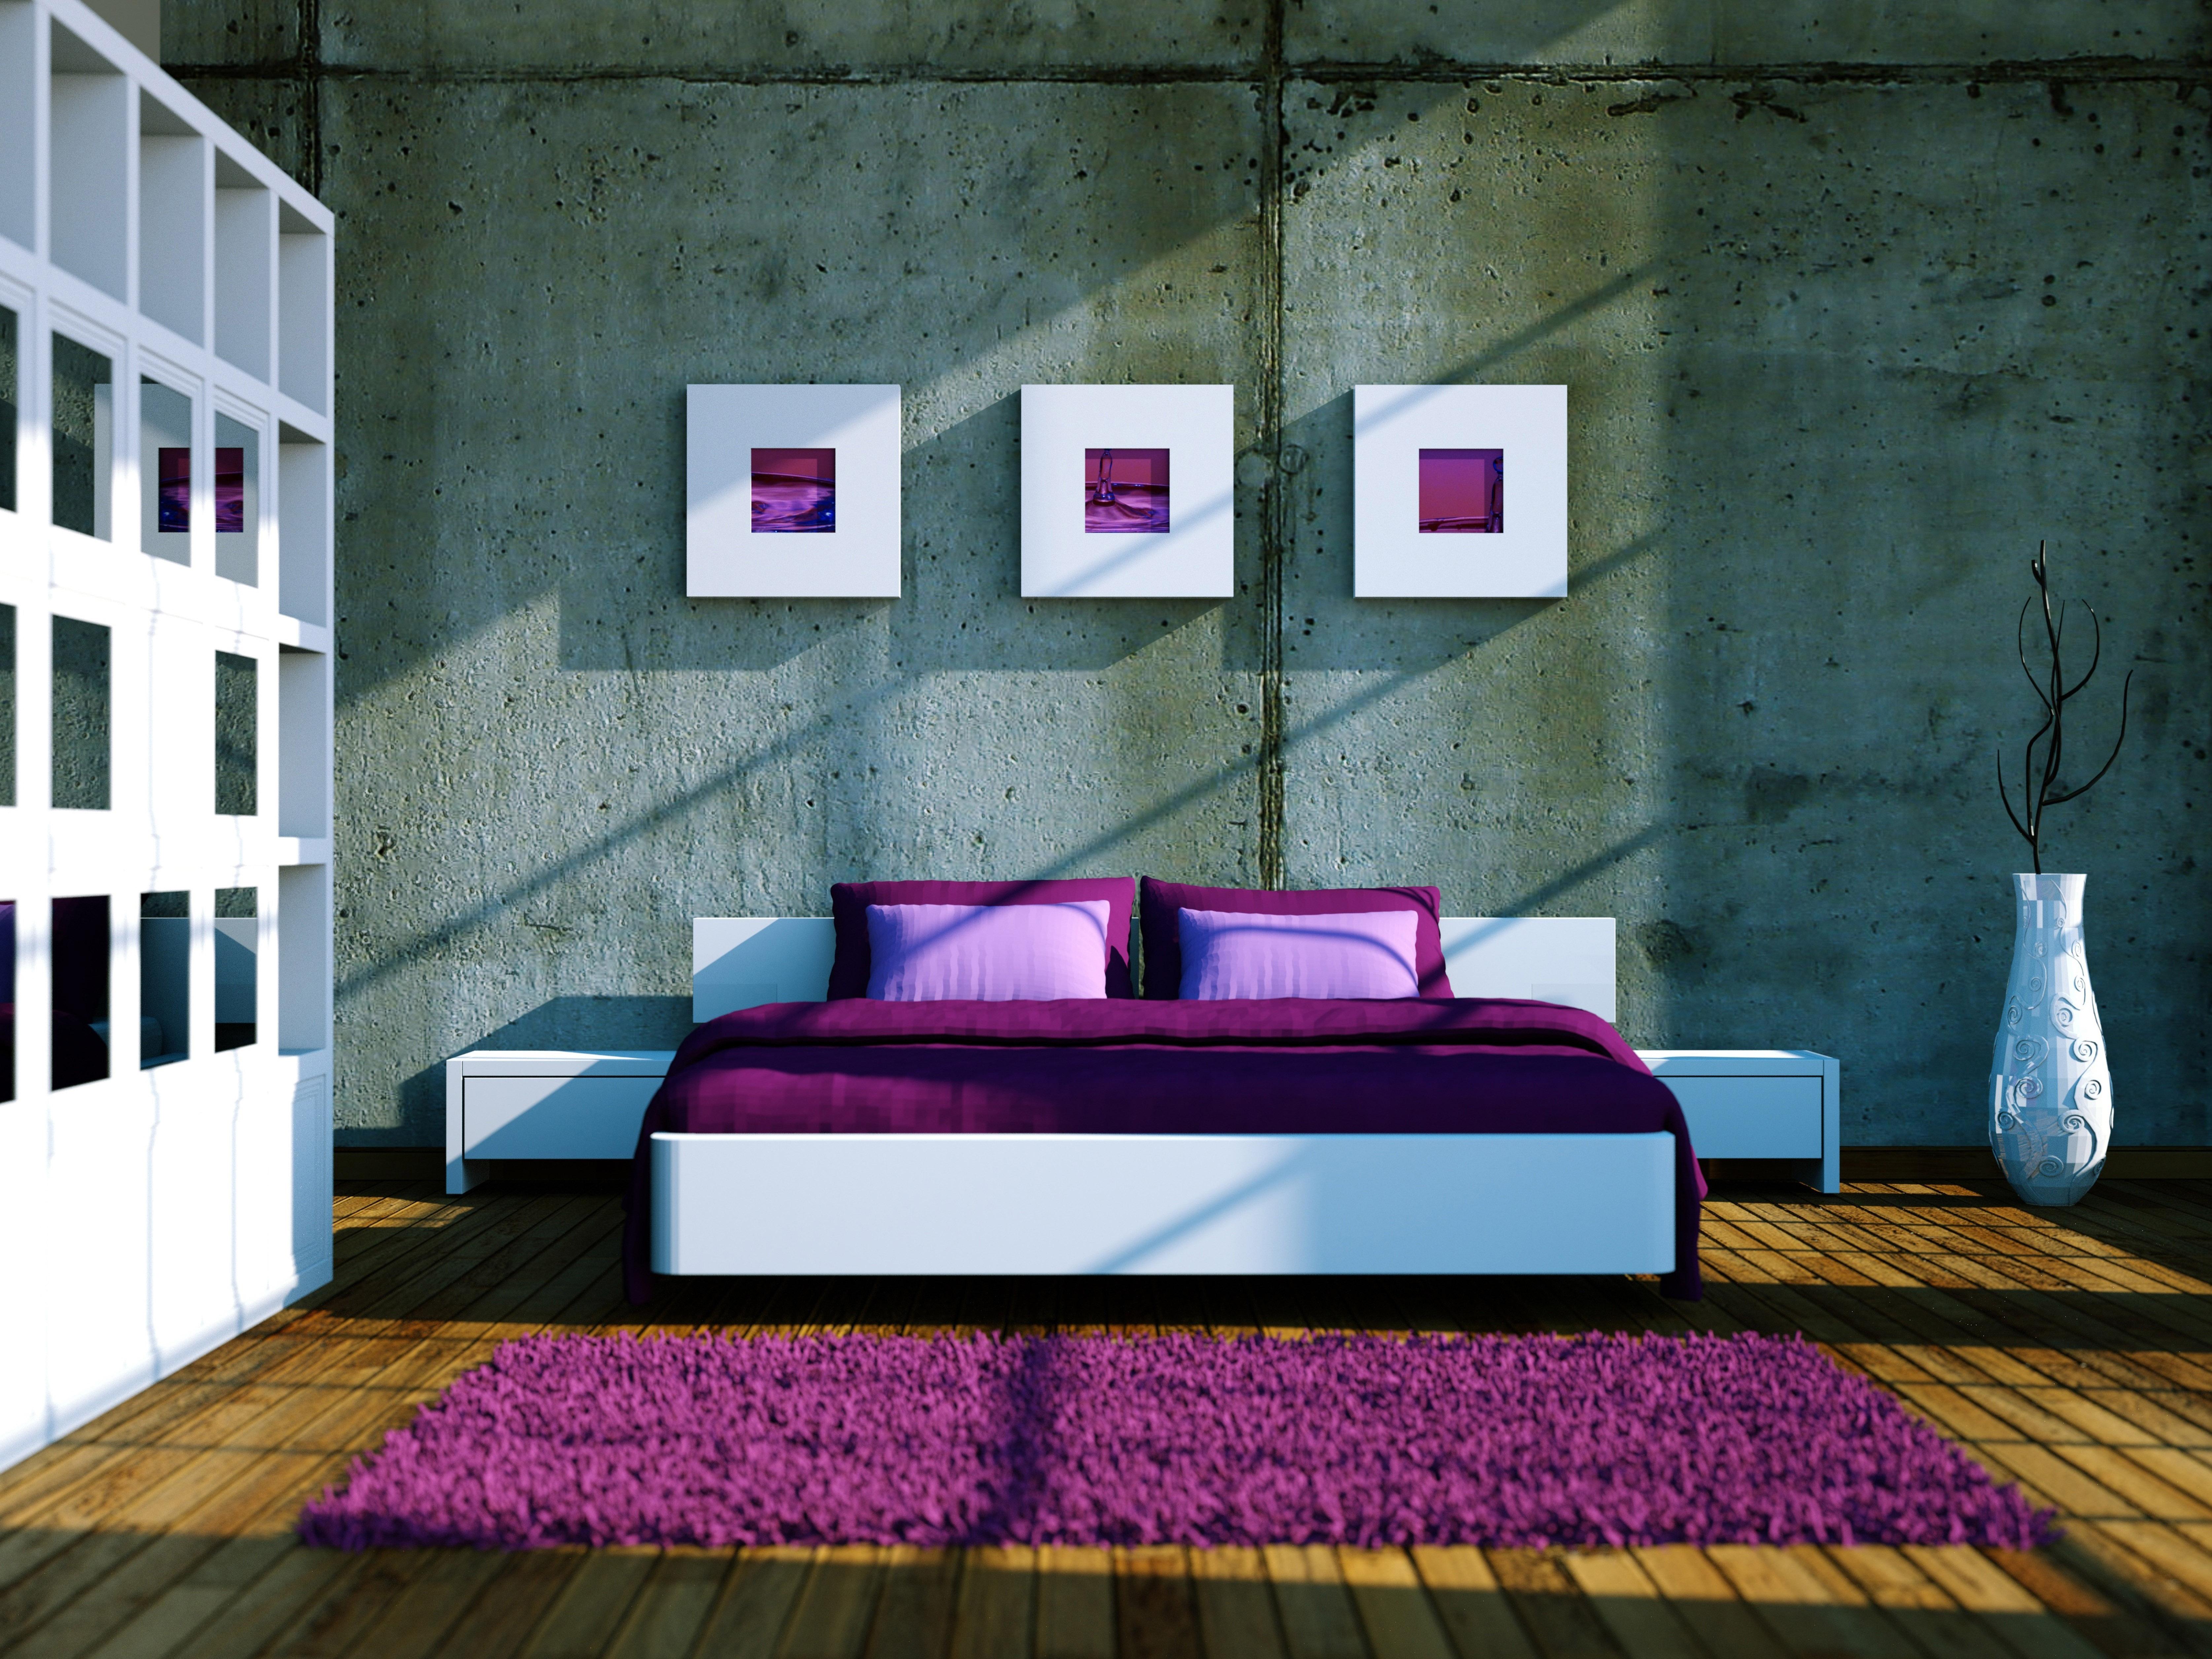 Интерьер ковры кровать  № 3537287 без смс